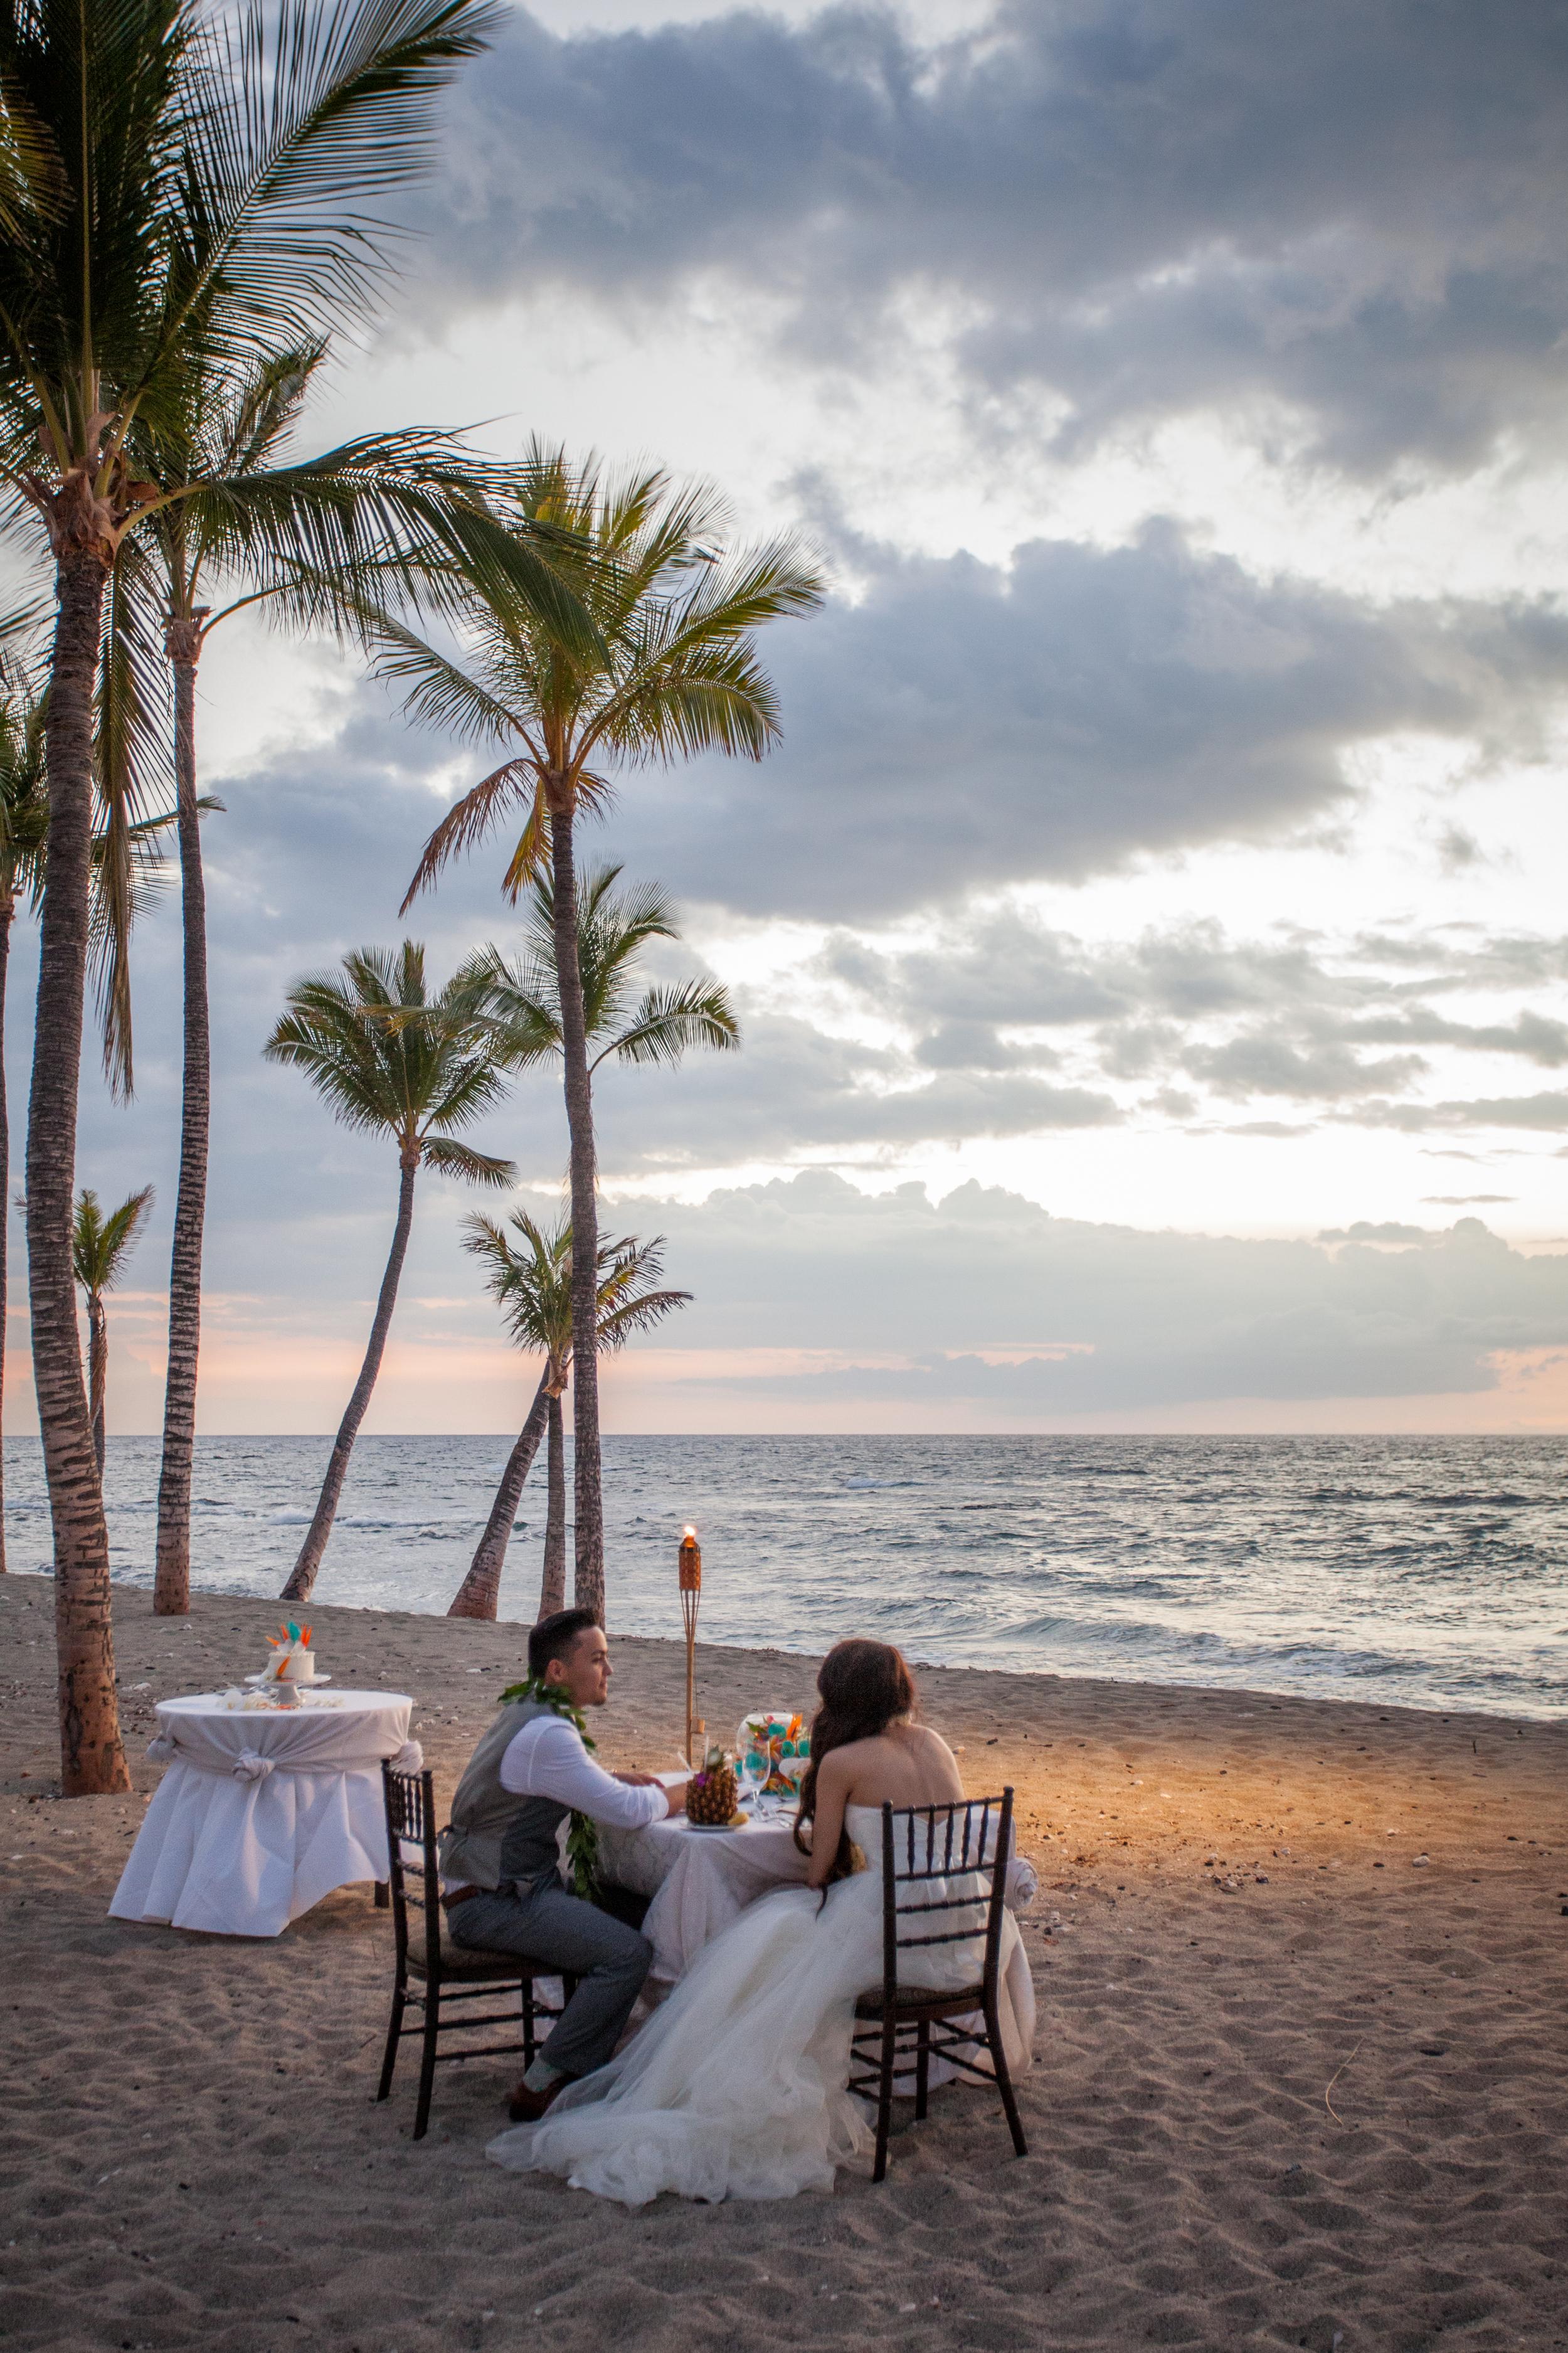 big island hawaii mauna lani resort wedding © kelilina photography 20160523191044-1.jpg